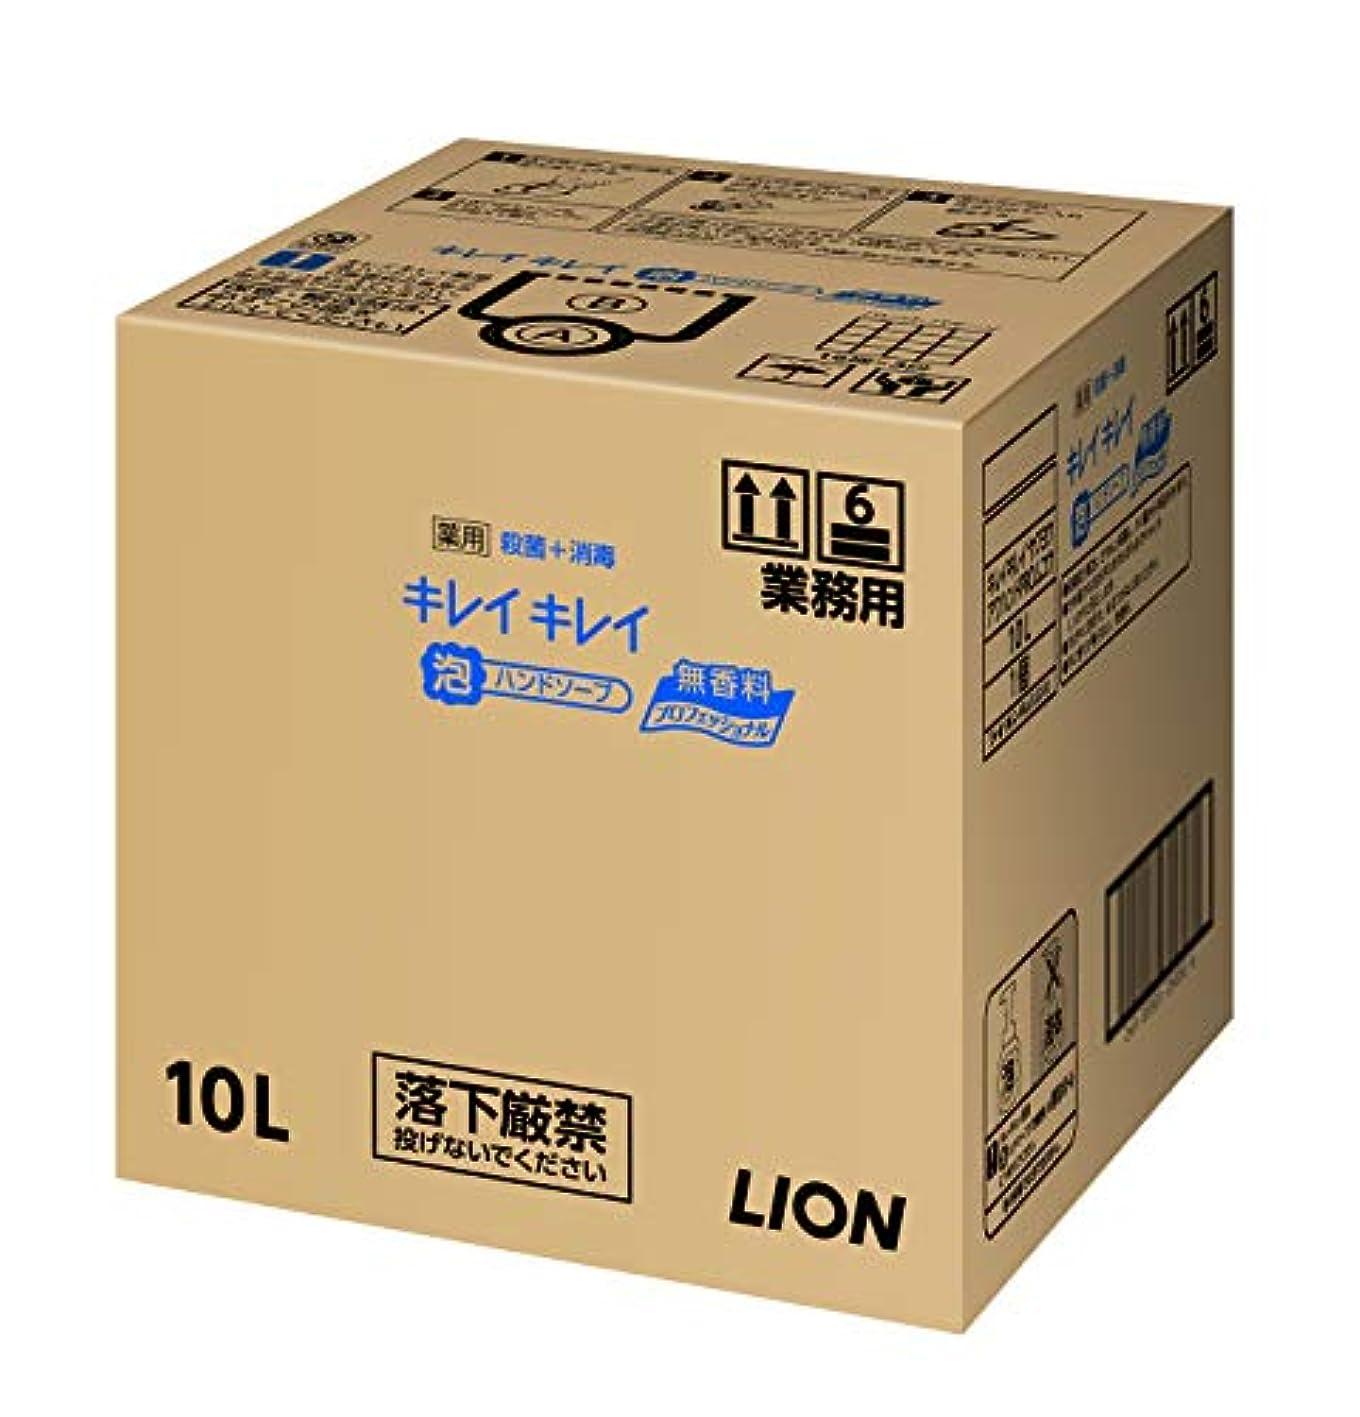 ブラシシャット猛烈な【業務用 大容量】キレイキレイ 薬用 泡ハンドソープ 無香料 10L(医薬部外品)